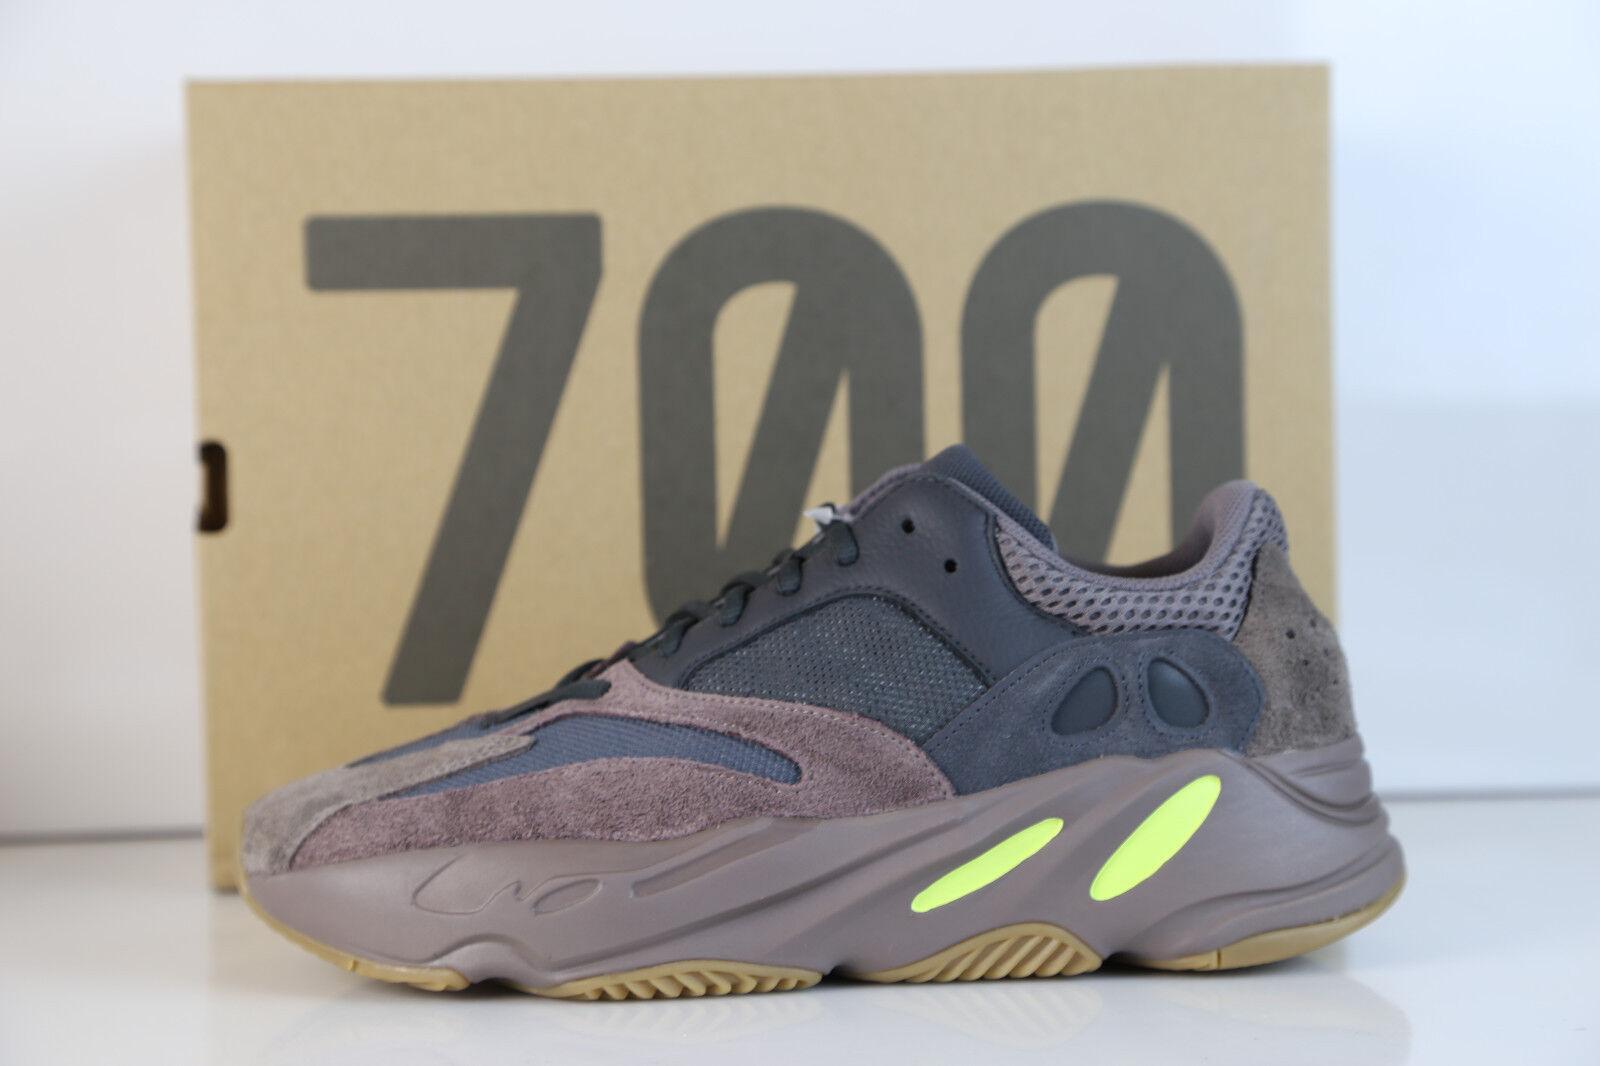 Adidas X Kanye West Yeezy Boost 700 Mauve EE9614 5-13